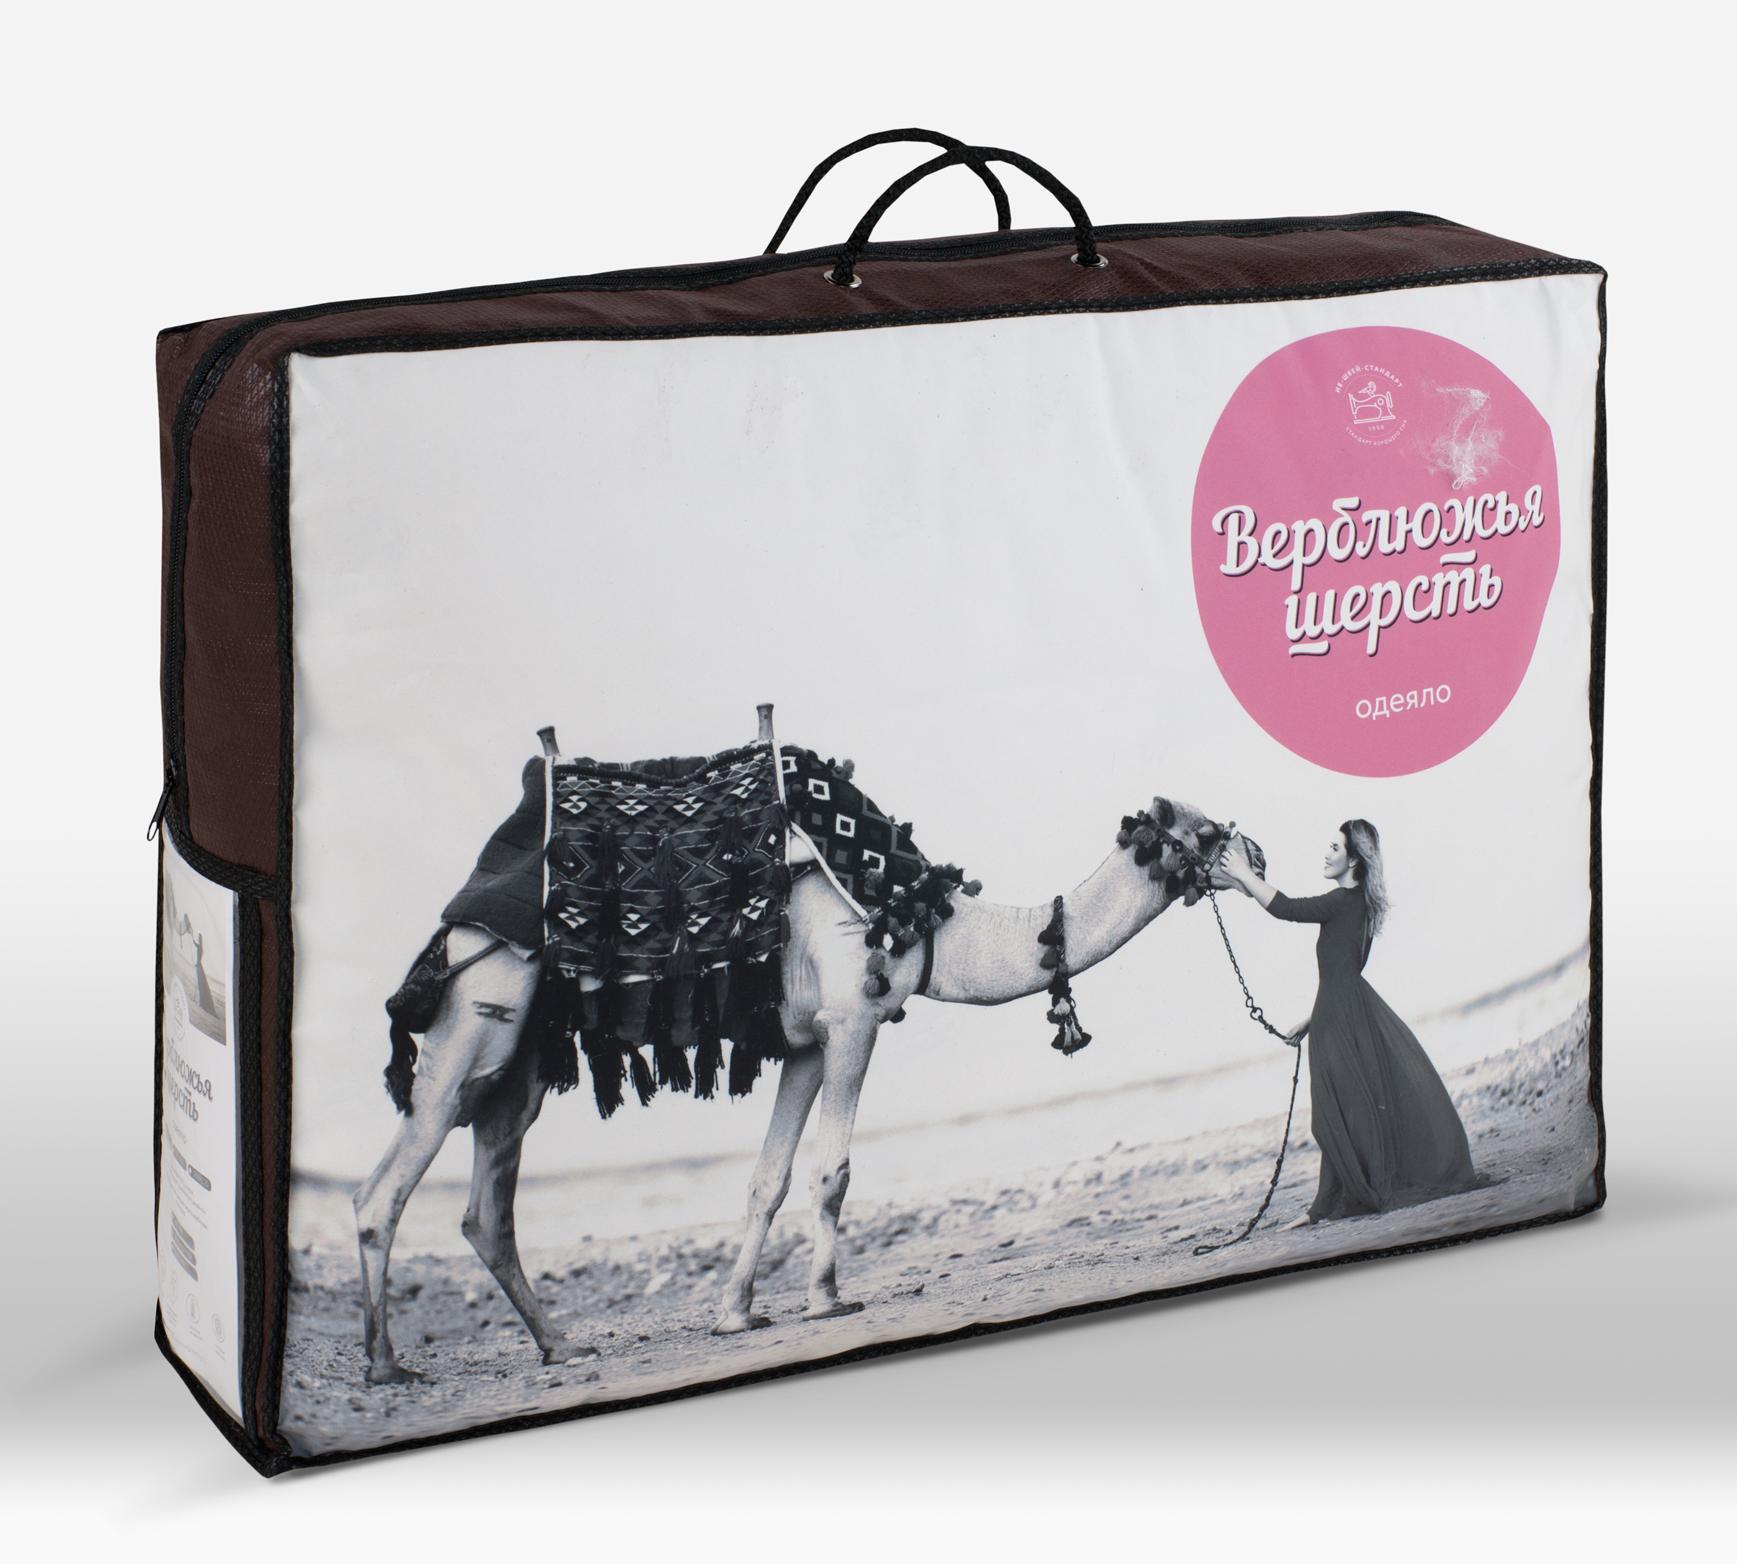 Одеяло ИвШвейСтандарт Верблюжья шерсть 200 х 220 см, бежевый